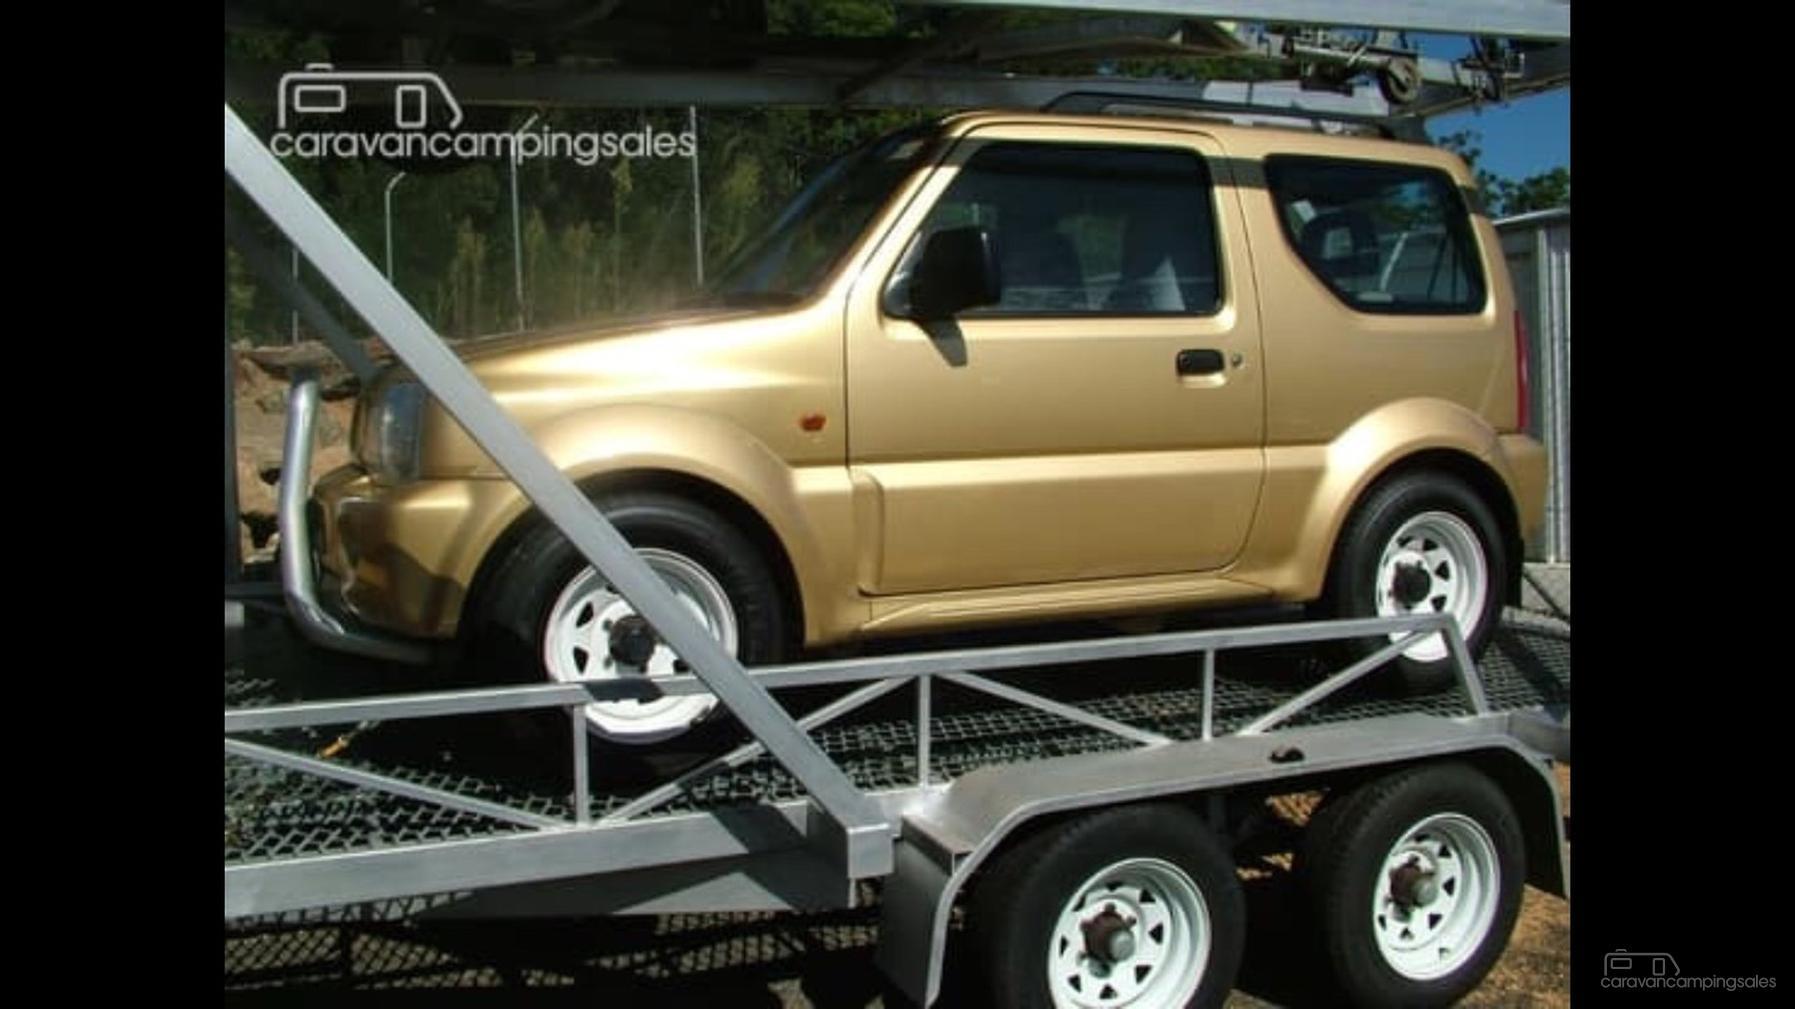 2010 Custom Car And Boat Trailer Caravancampingsales Com Au